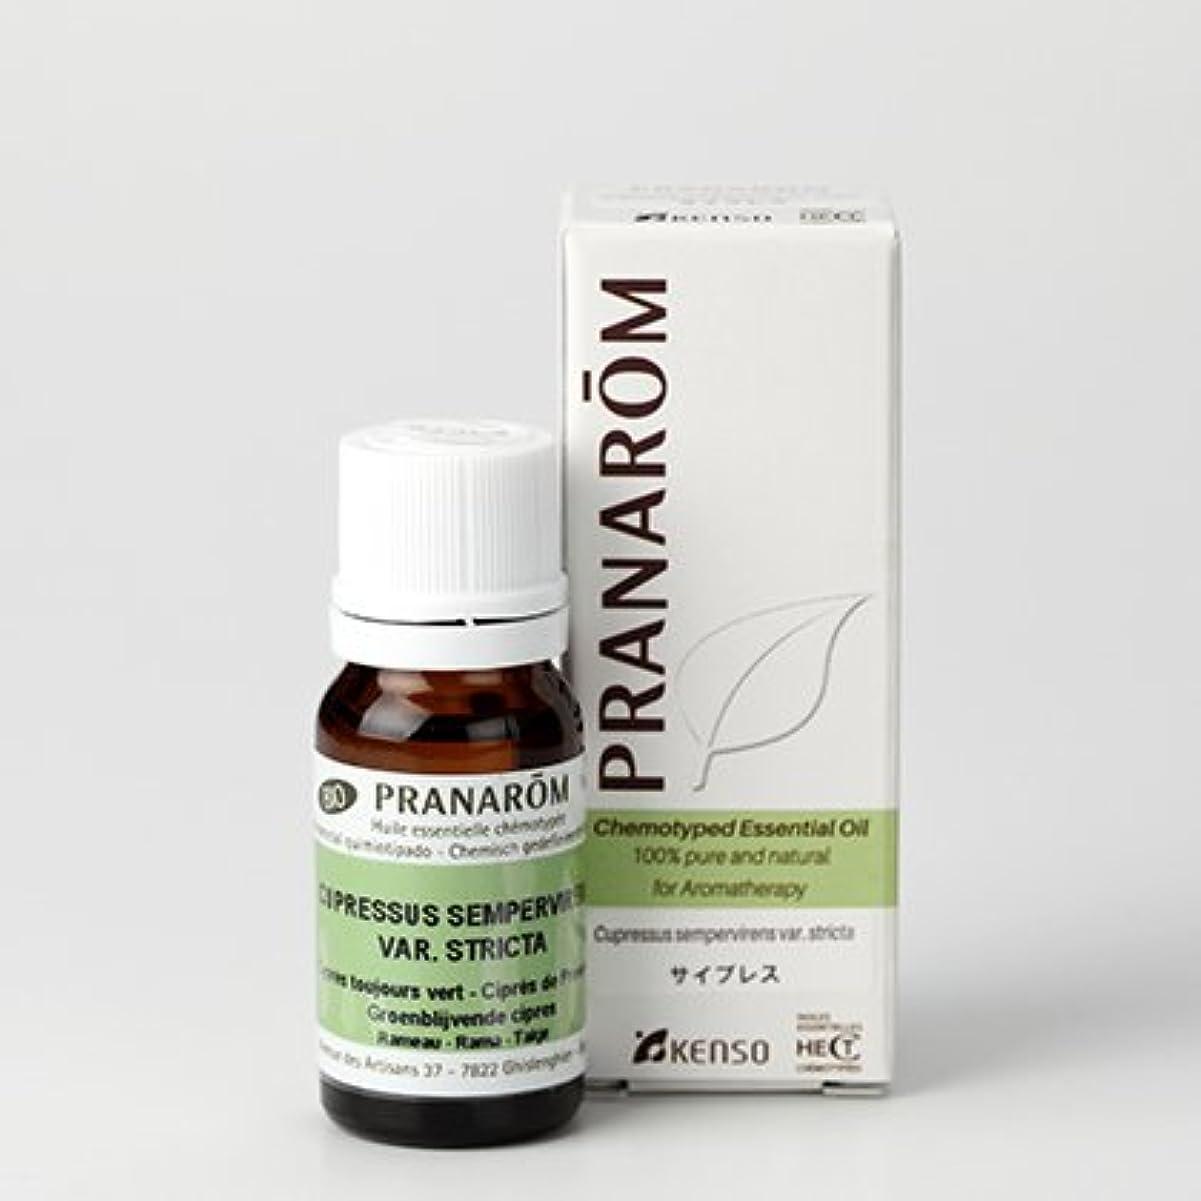 オーラル病んでいる緩やかなサイプレス 10ml プラナロム社エッセンシャルオイル(精油) 樹木系ミドルノート